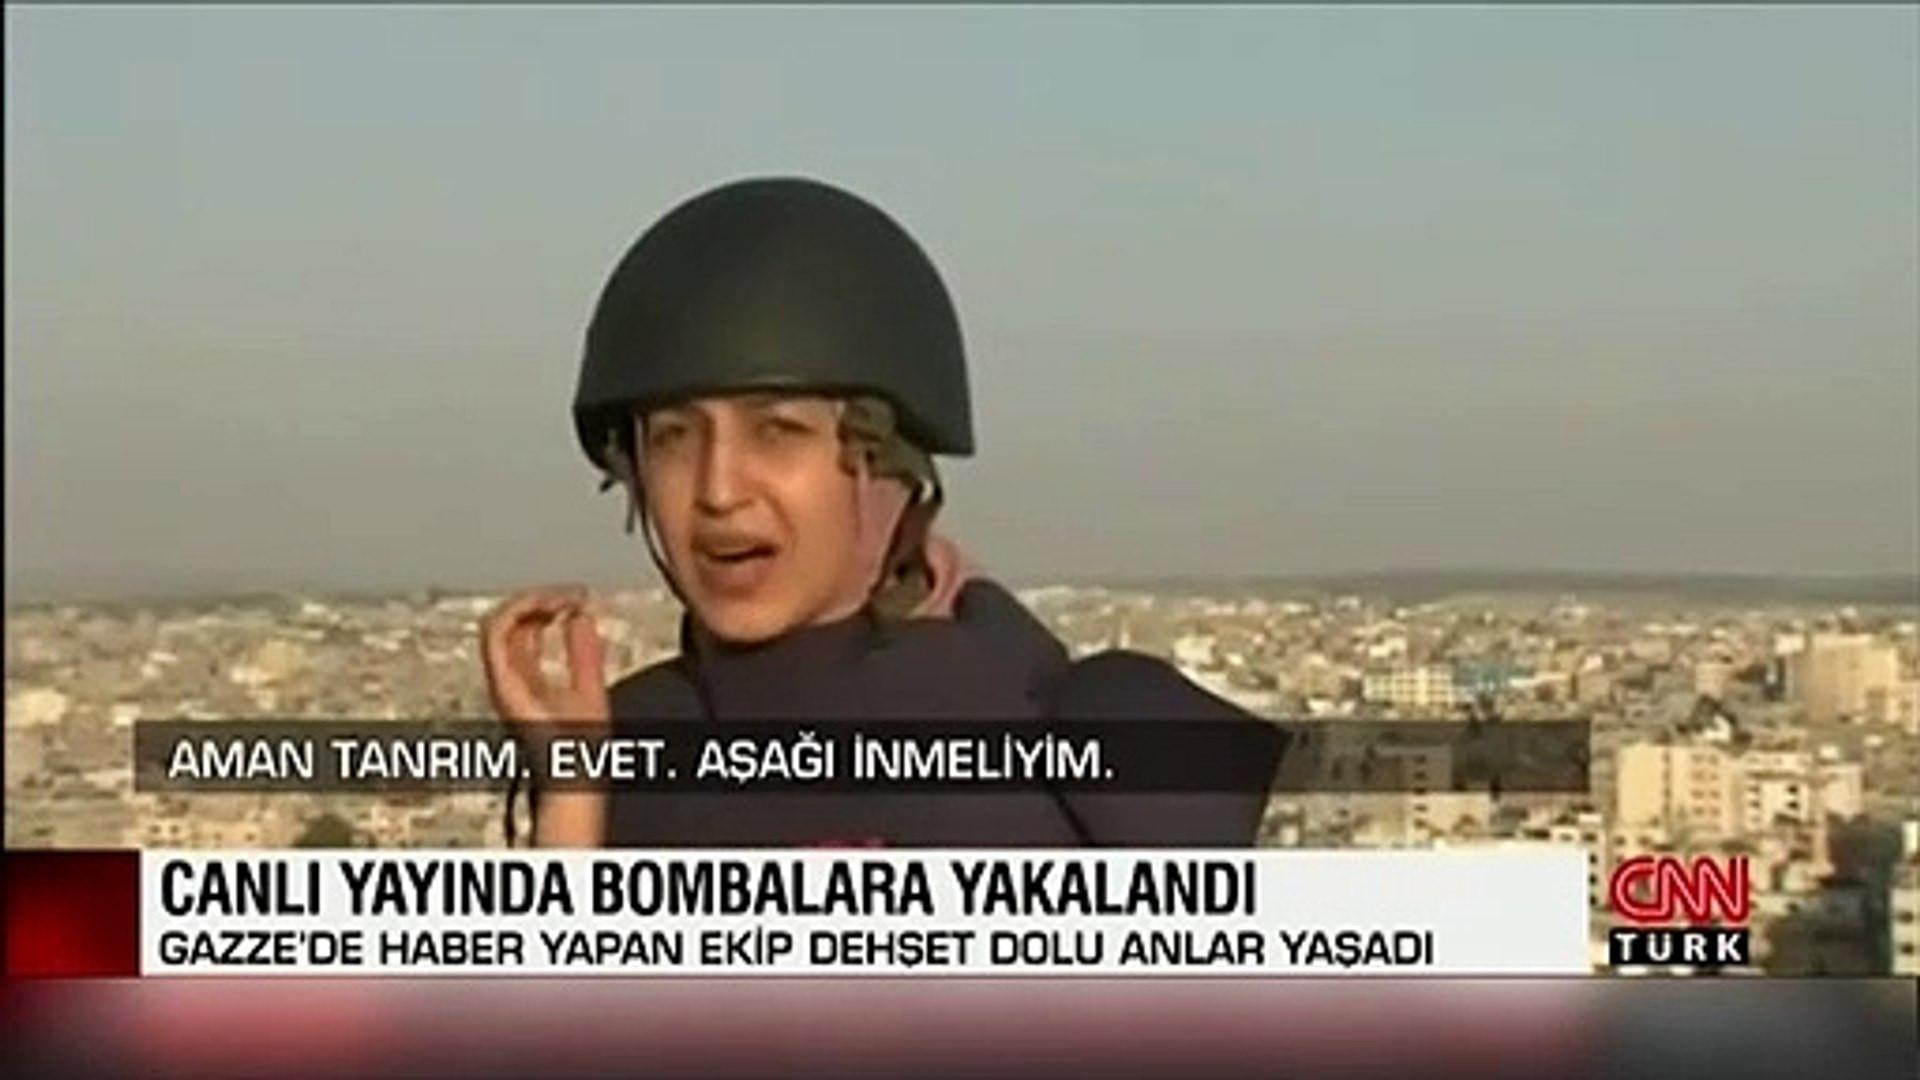 Muhabir canlı yayında ölümden döndü